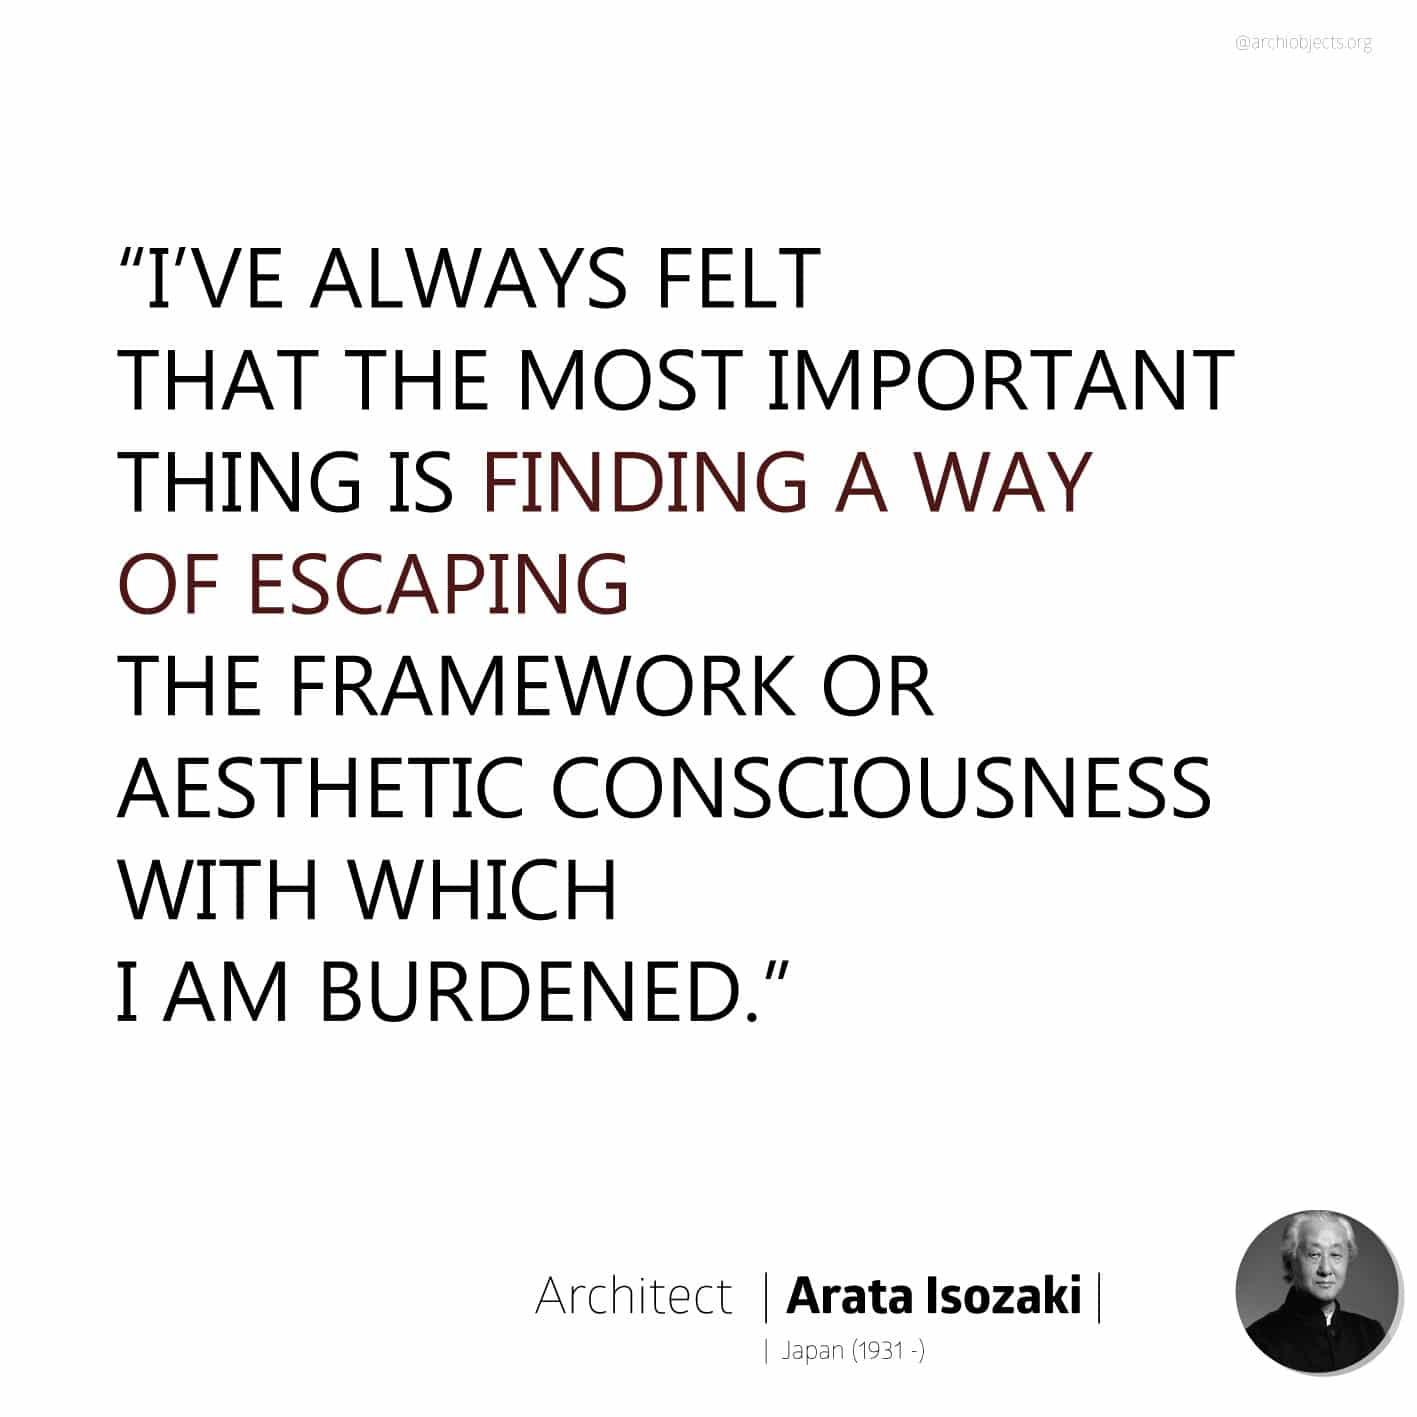 arata isozaki quote Architectural Quotes - Worth spreading Architects' voice